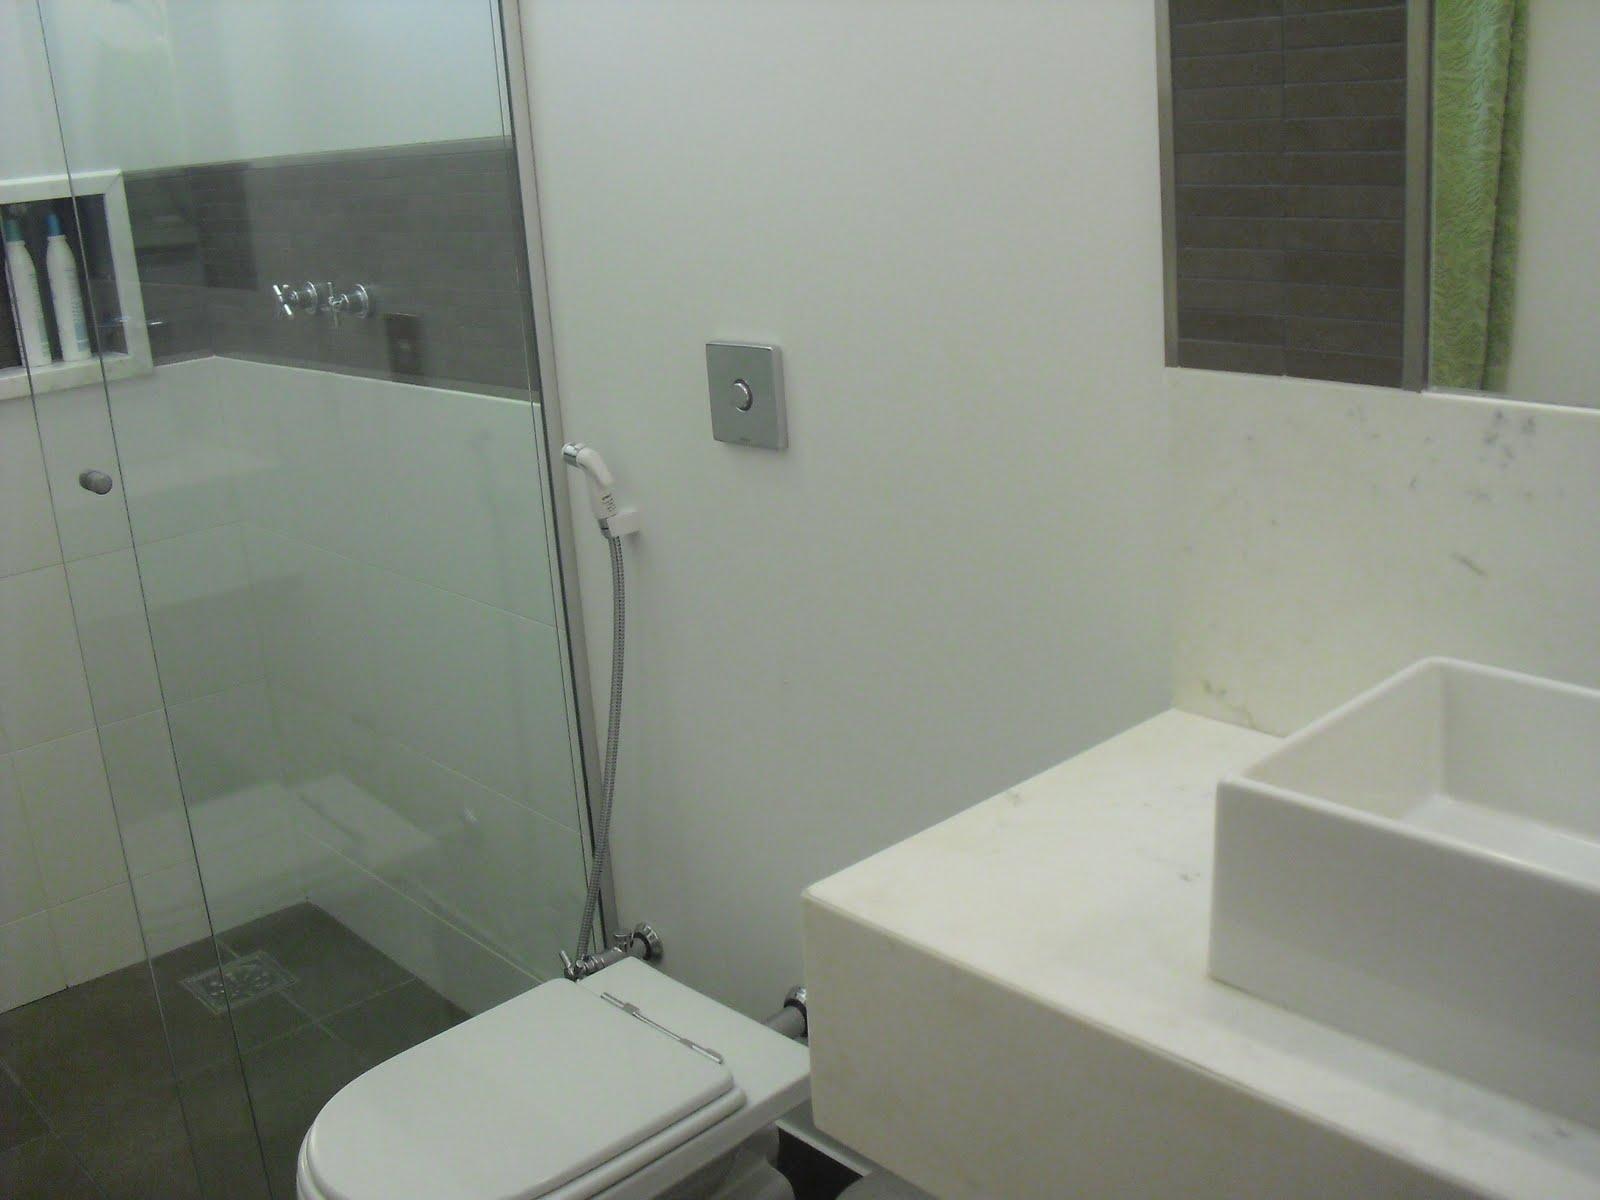 Construir com Arte: Banheiros de bom gosto com Cristiana Terra Bento #5C664B 1600x1200 Banheiro Com Granito Vermelho